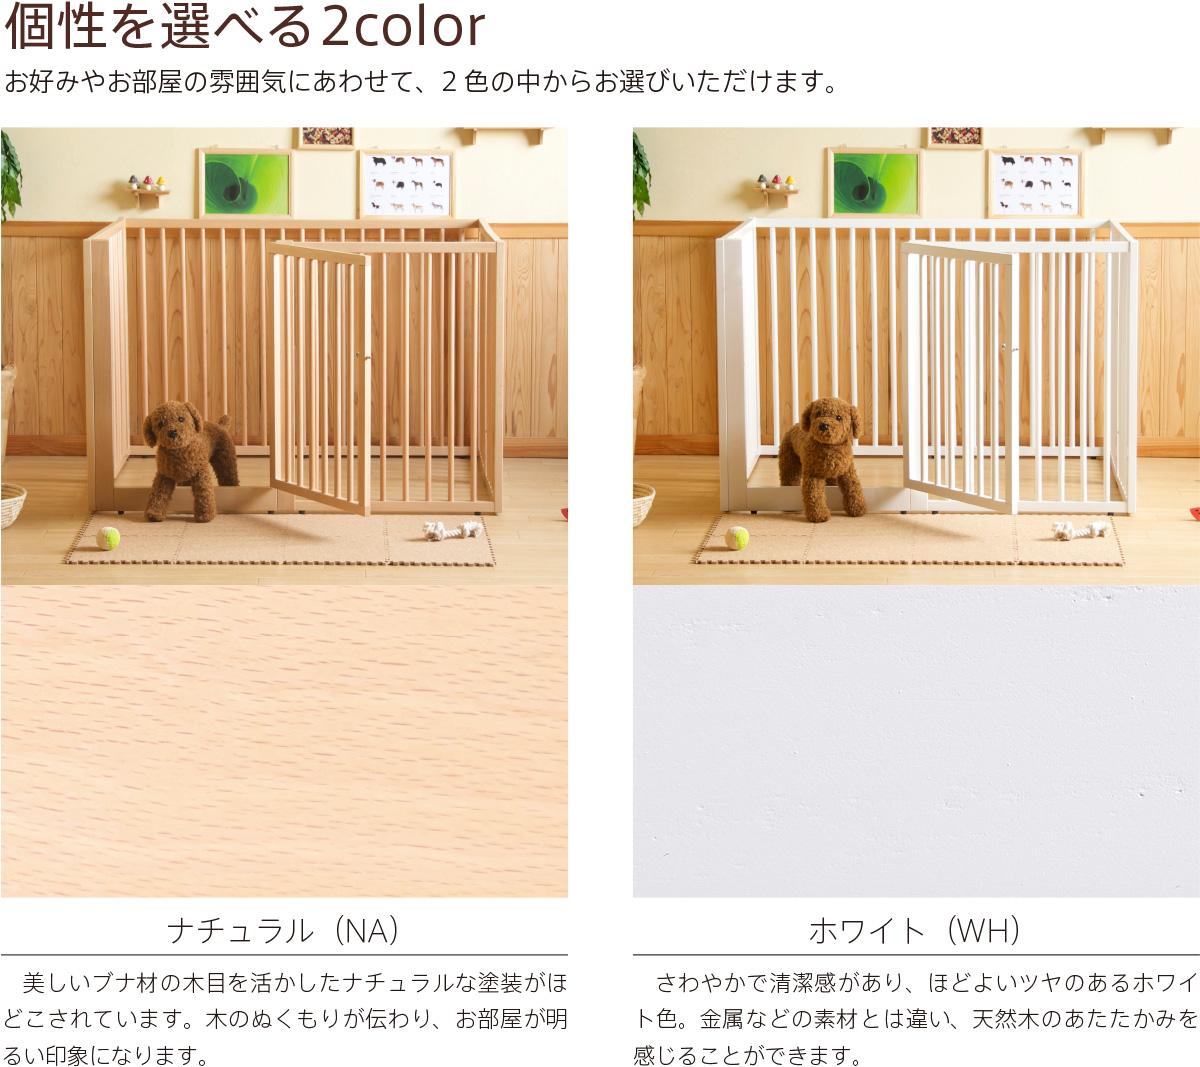 「木製ワンタッチペットサークル(Lサイズ)」